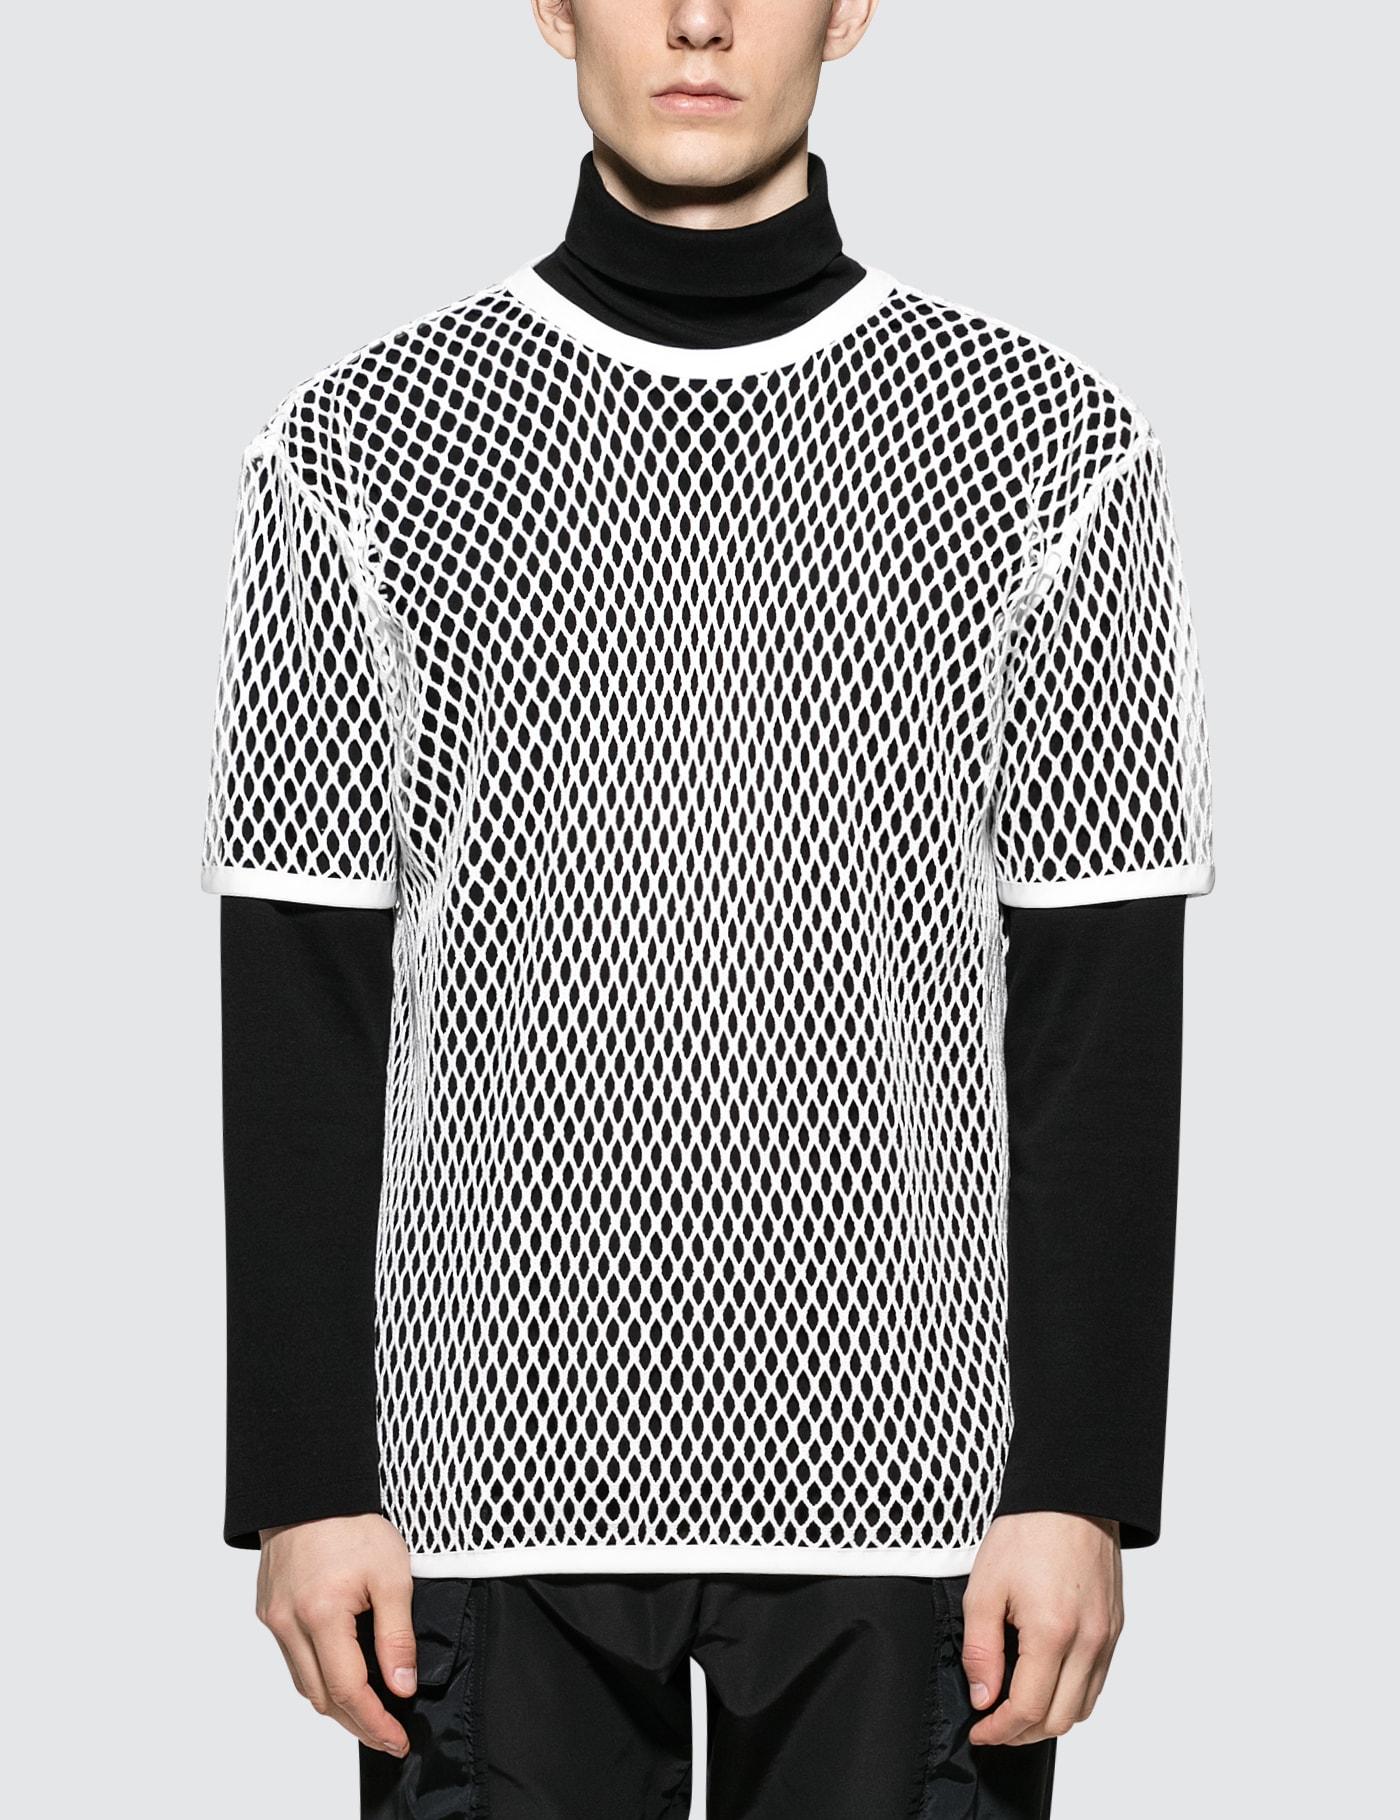 Mesh S/S T-Shirt